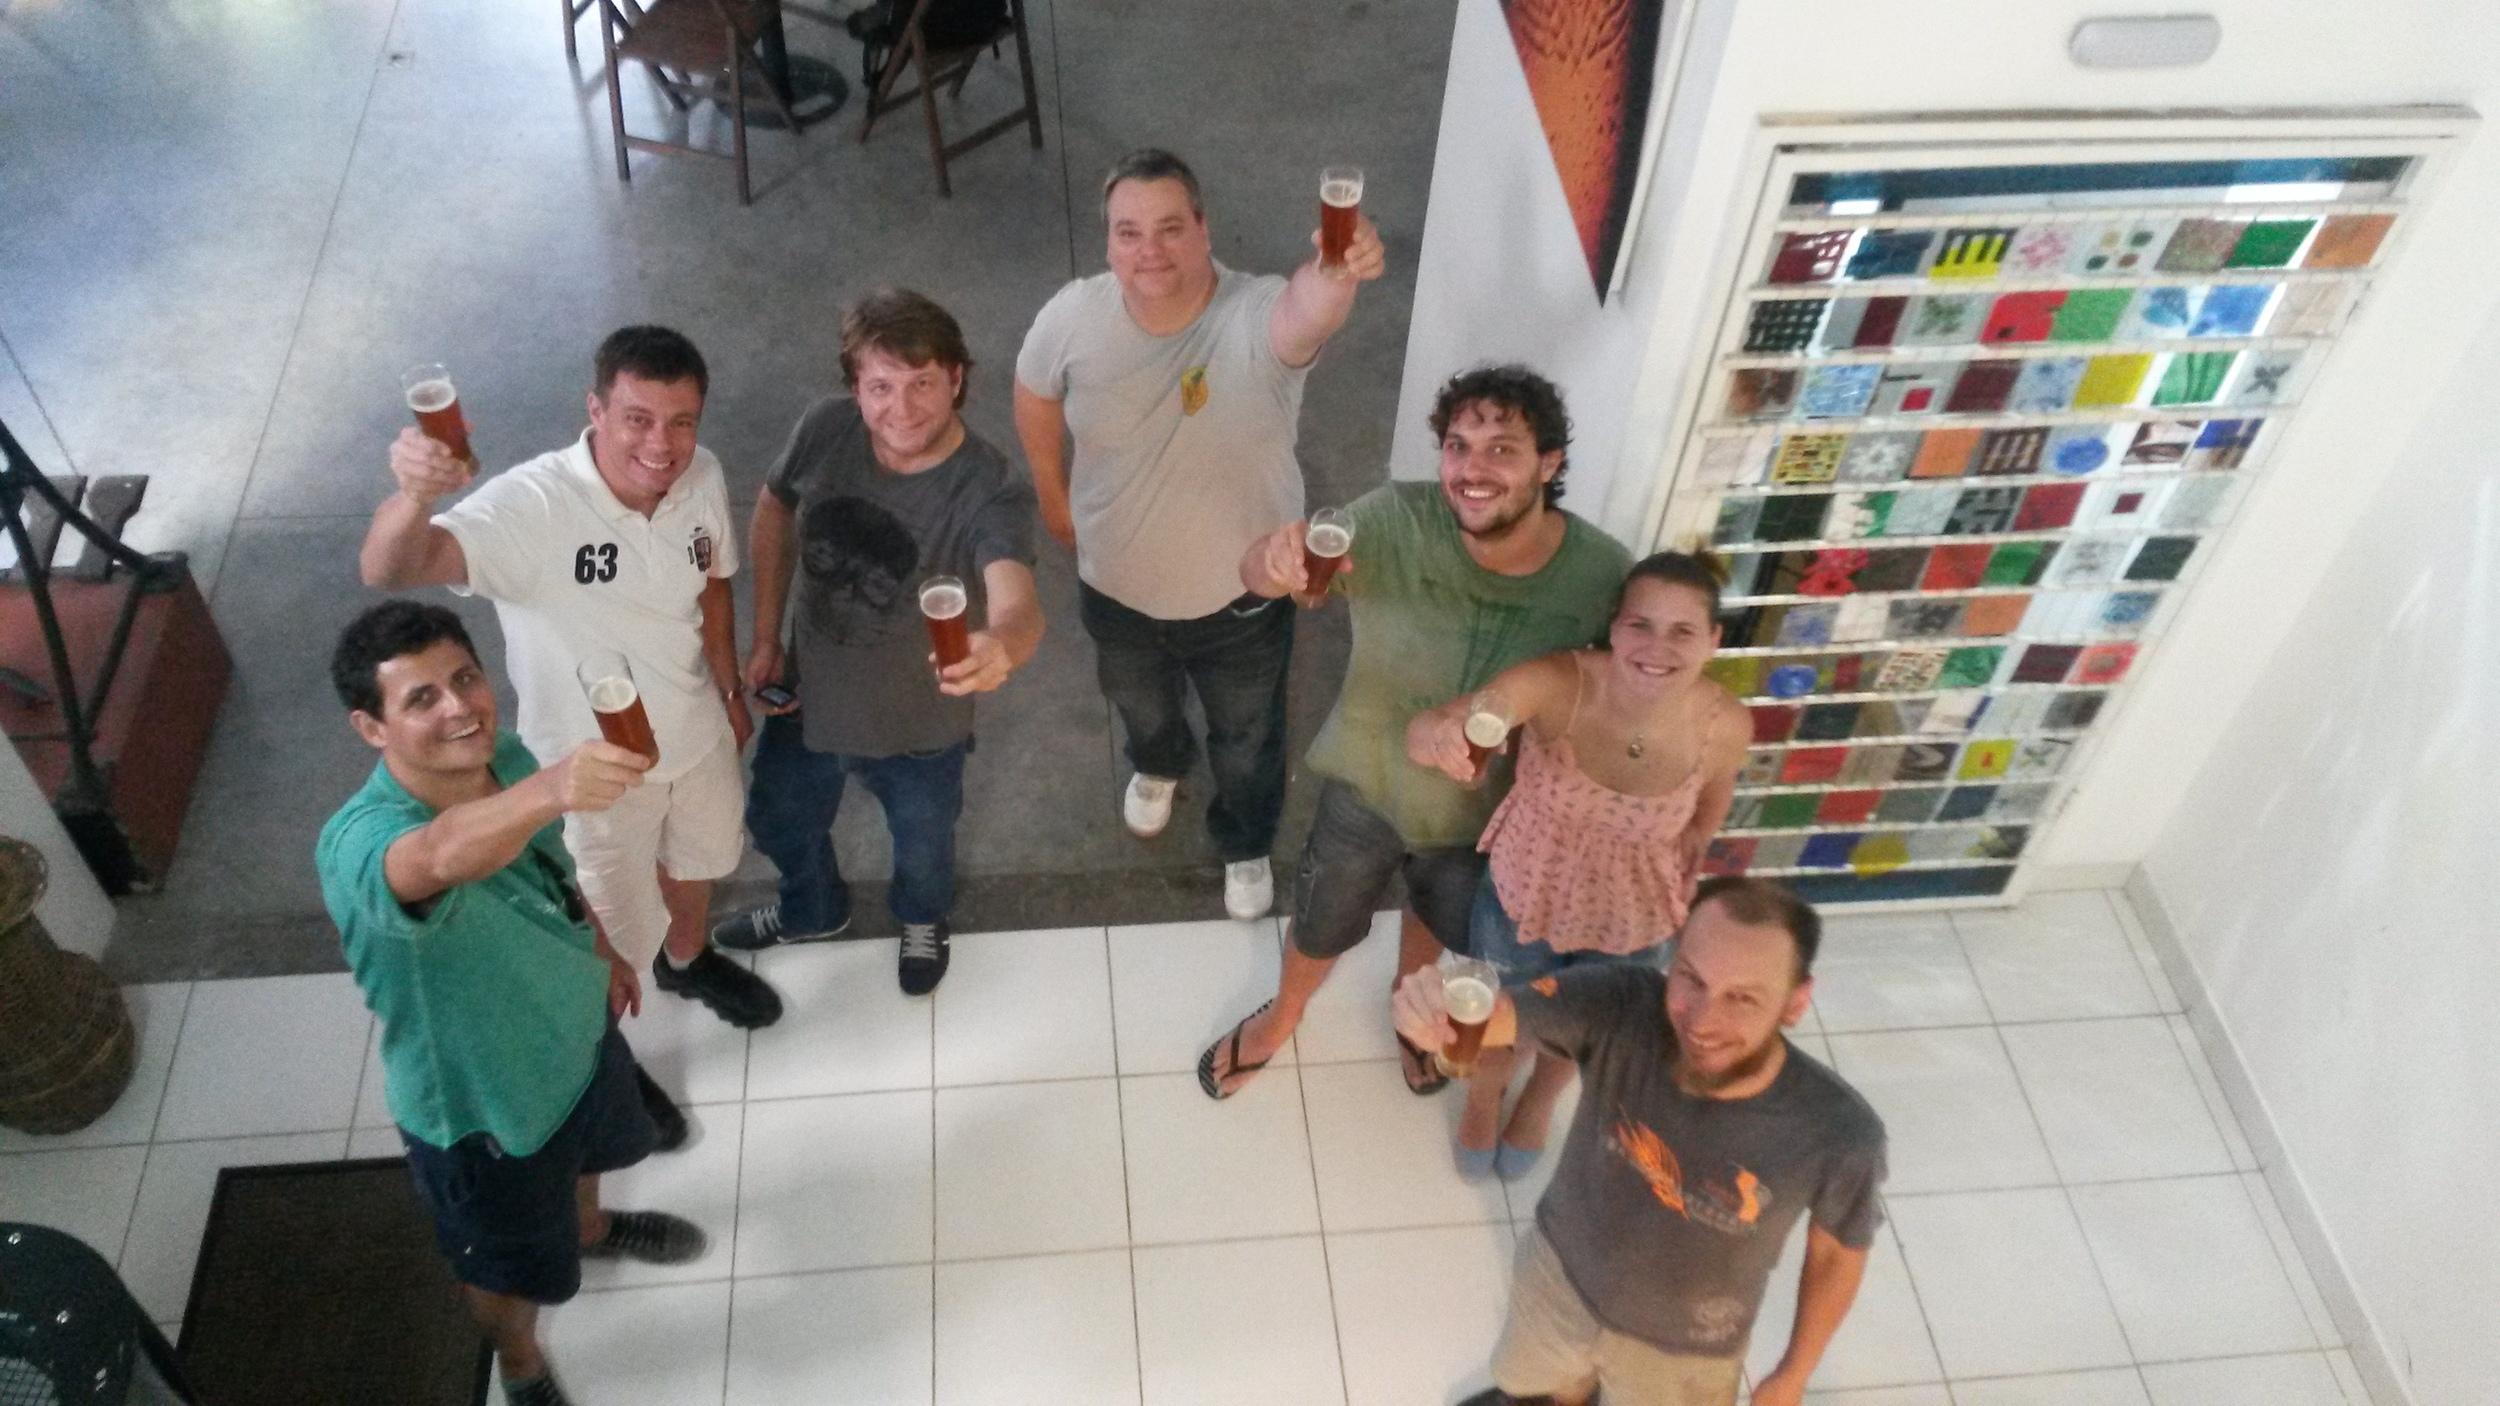 Da esquerda para a direita: Altair Nobre, editor da Beer Art, Juliano Zancanaro, da Steilen Berg, Evandro Janovik, da Saint Bier, Eduardo Boger, Pedro Joel S. Silva Filho, Monica Raissa e Tiago Eduardo Genehr (Foto: Sarah Buogo)